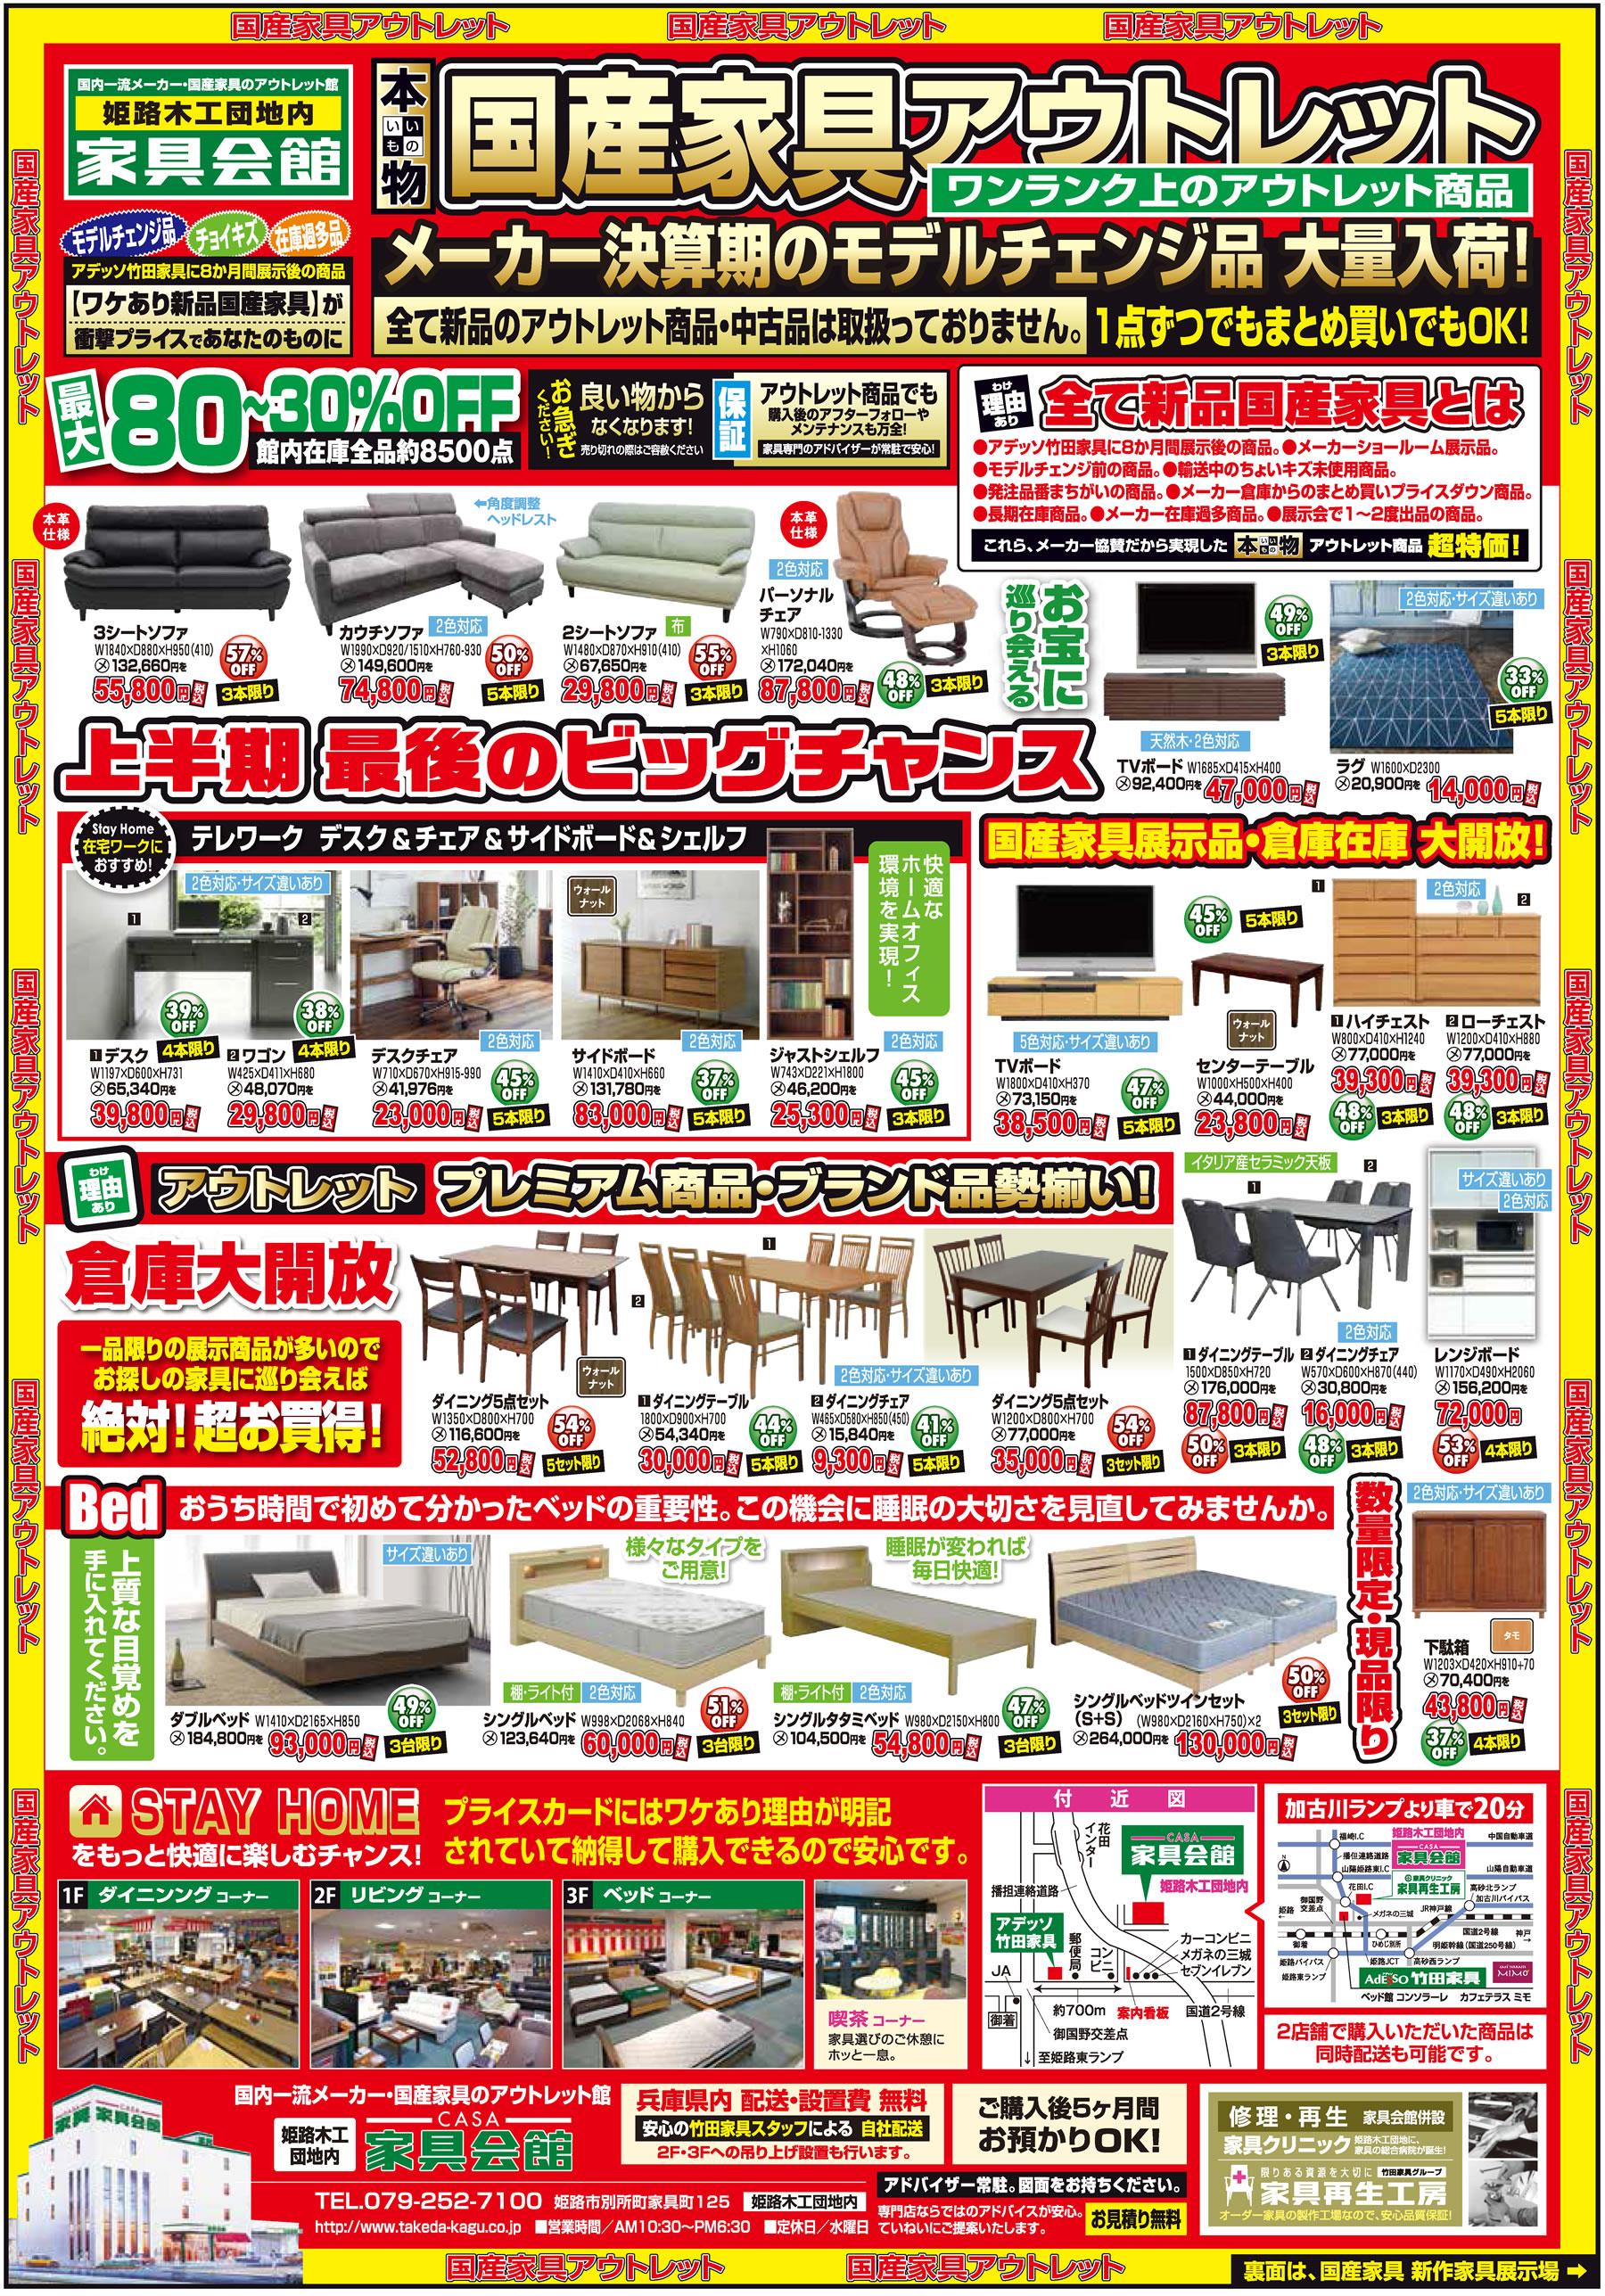 メーカー決算モデルチェンジ大感謝祭!